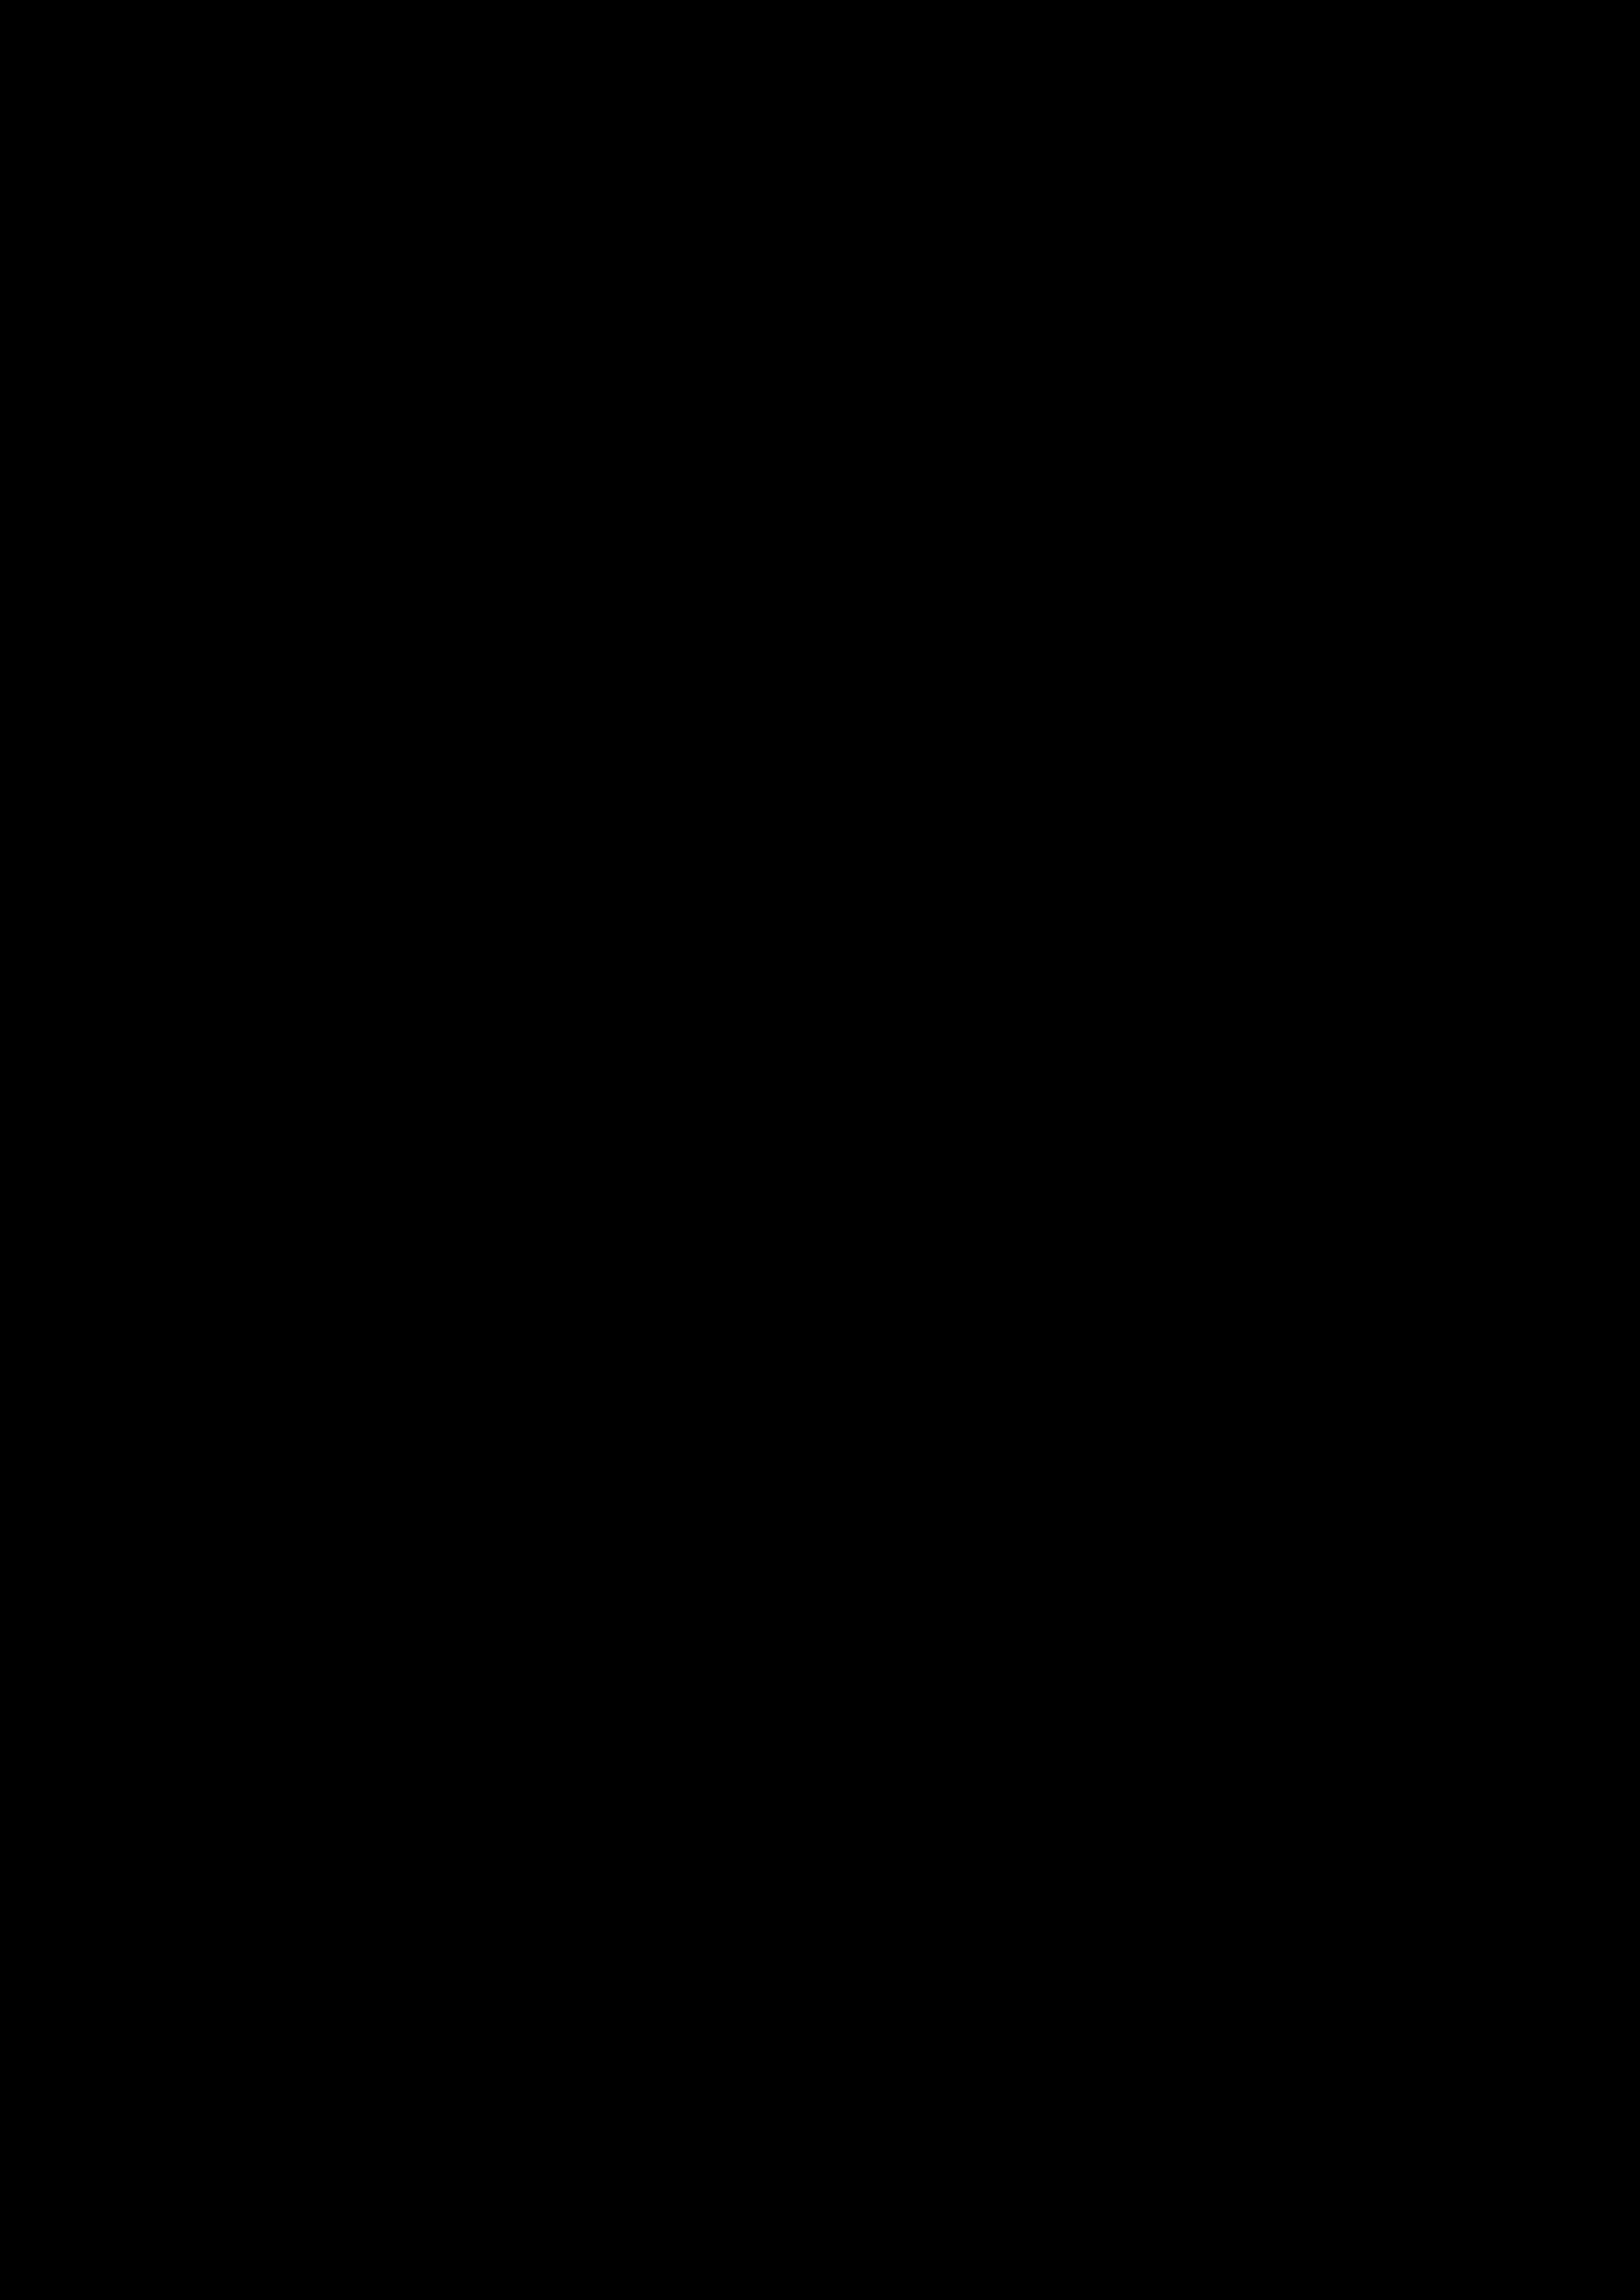 Eurovent REC 6-16 - Interpretation of the EU Regulation 2016-2281 concerning Fan Coil Units.png